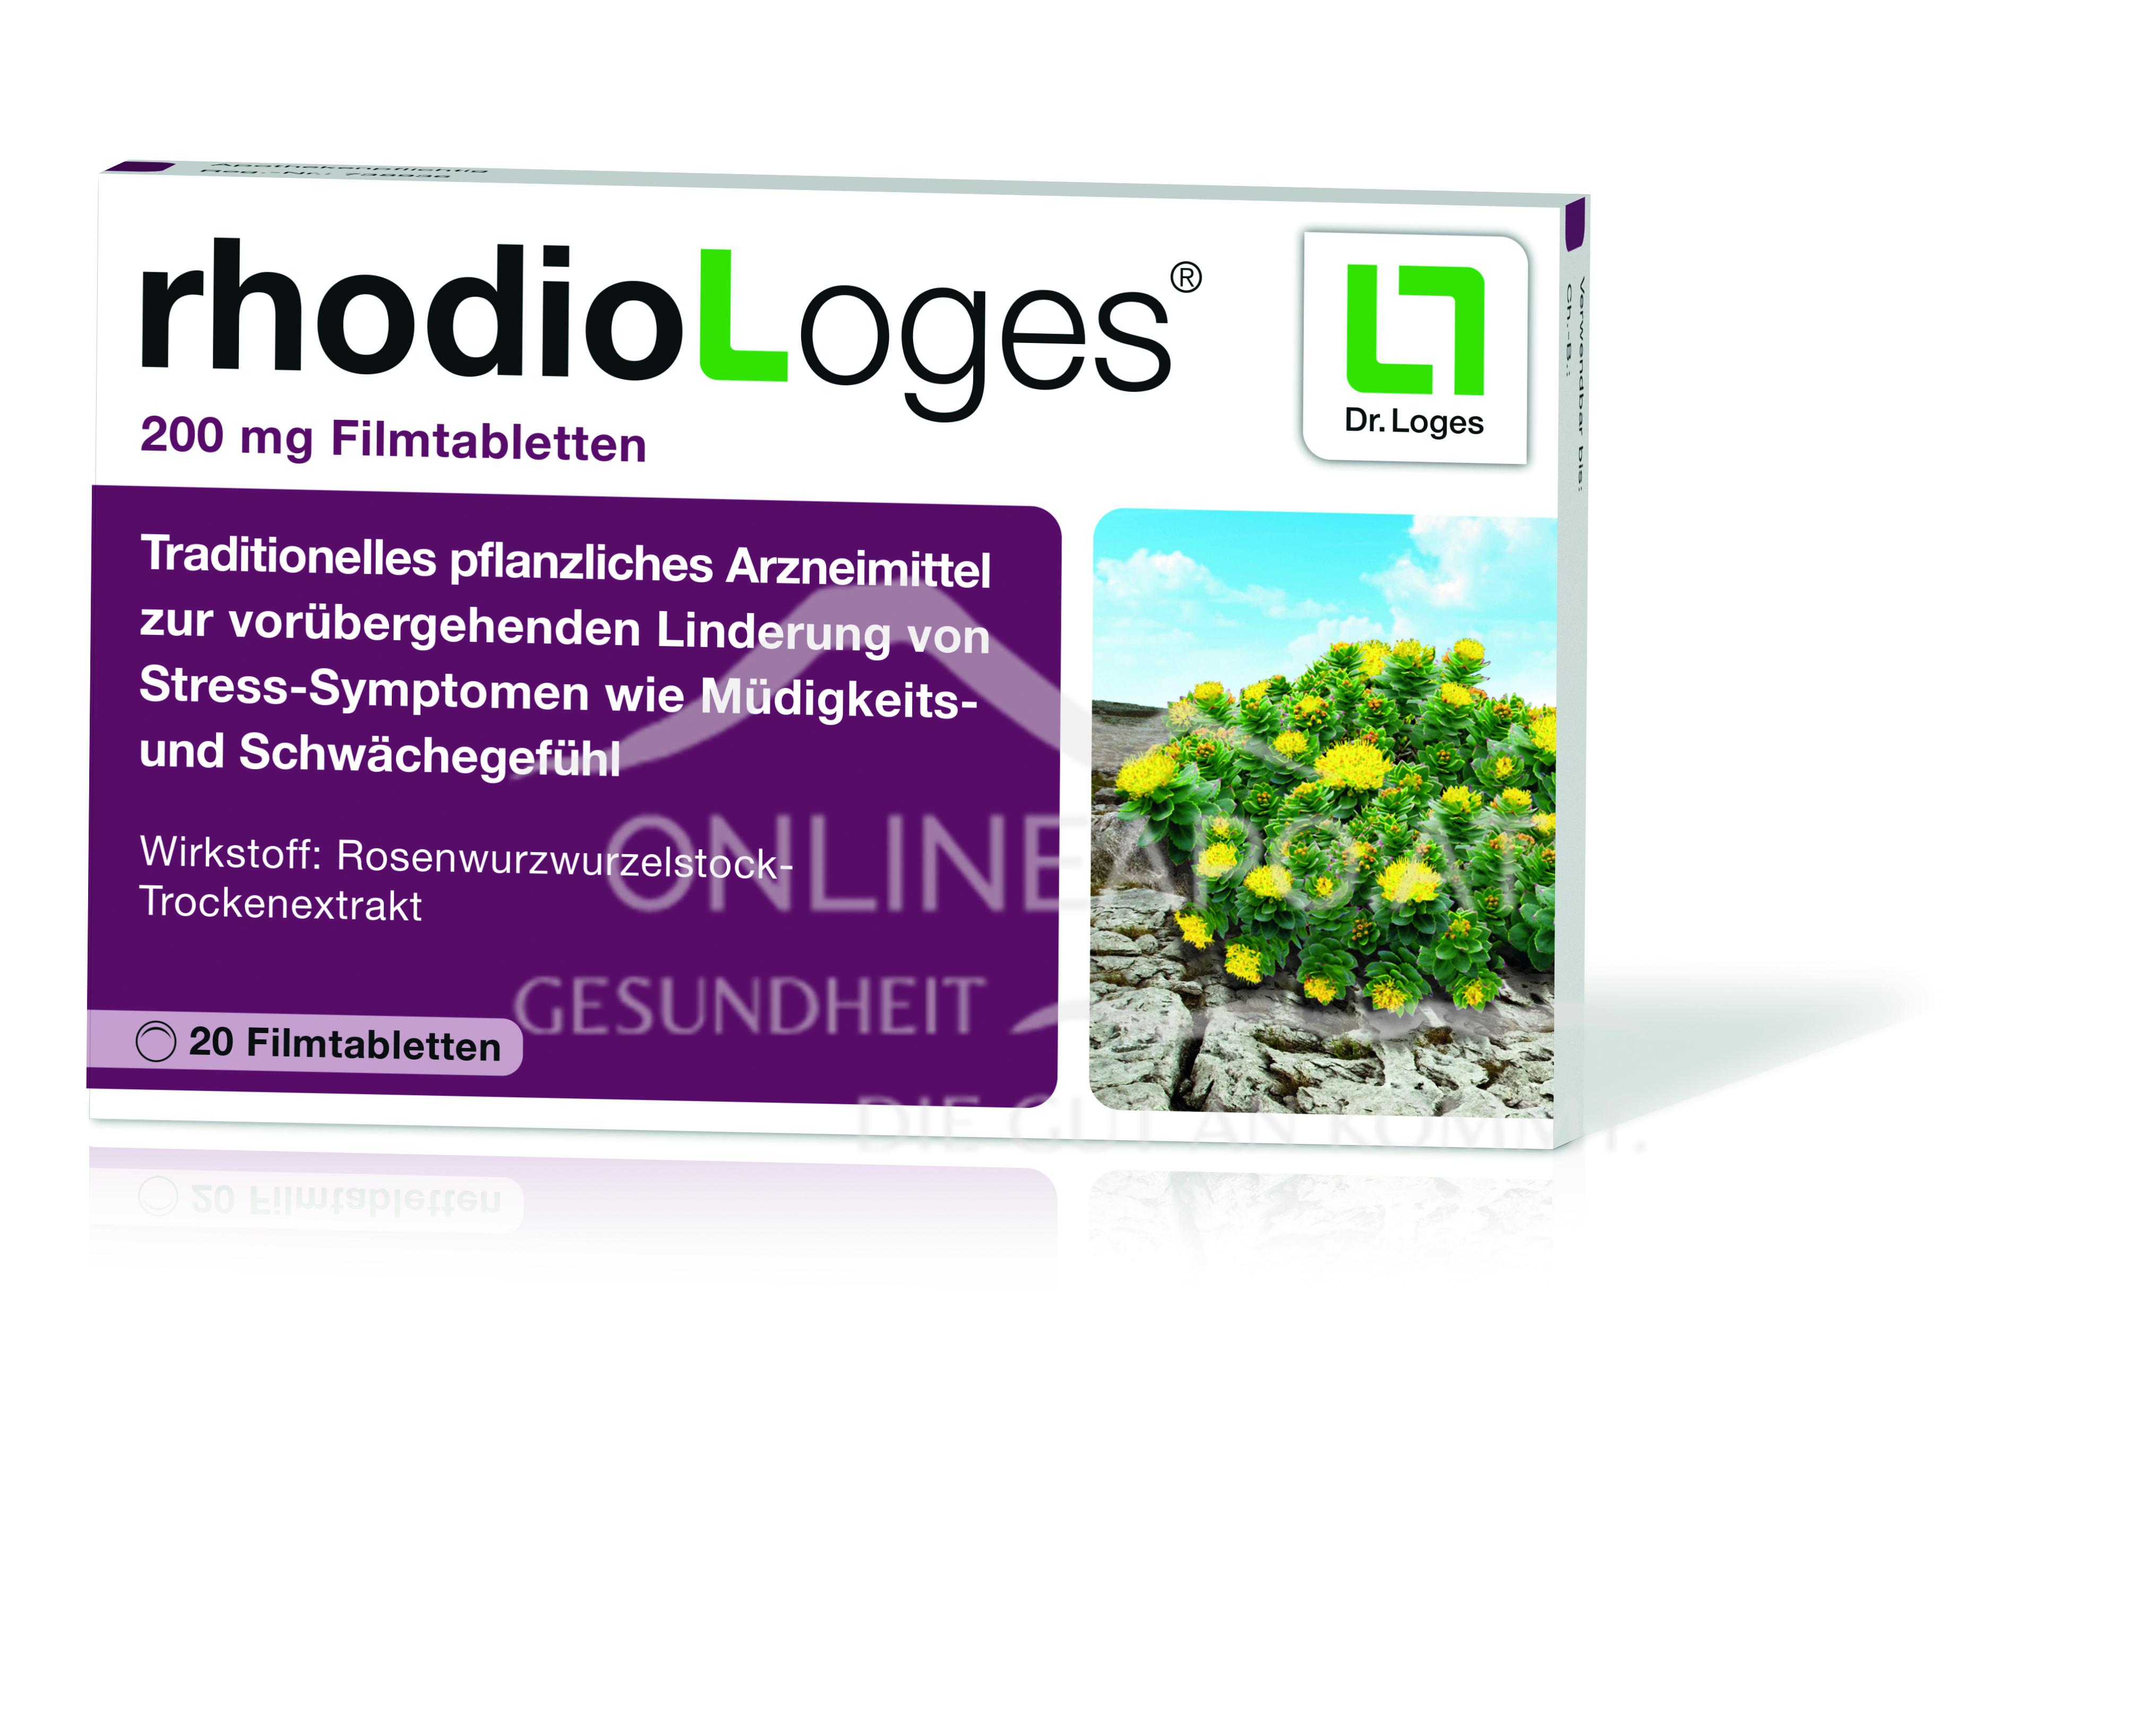 rhodioLoges® 200mg Filmtabletten